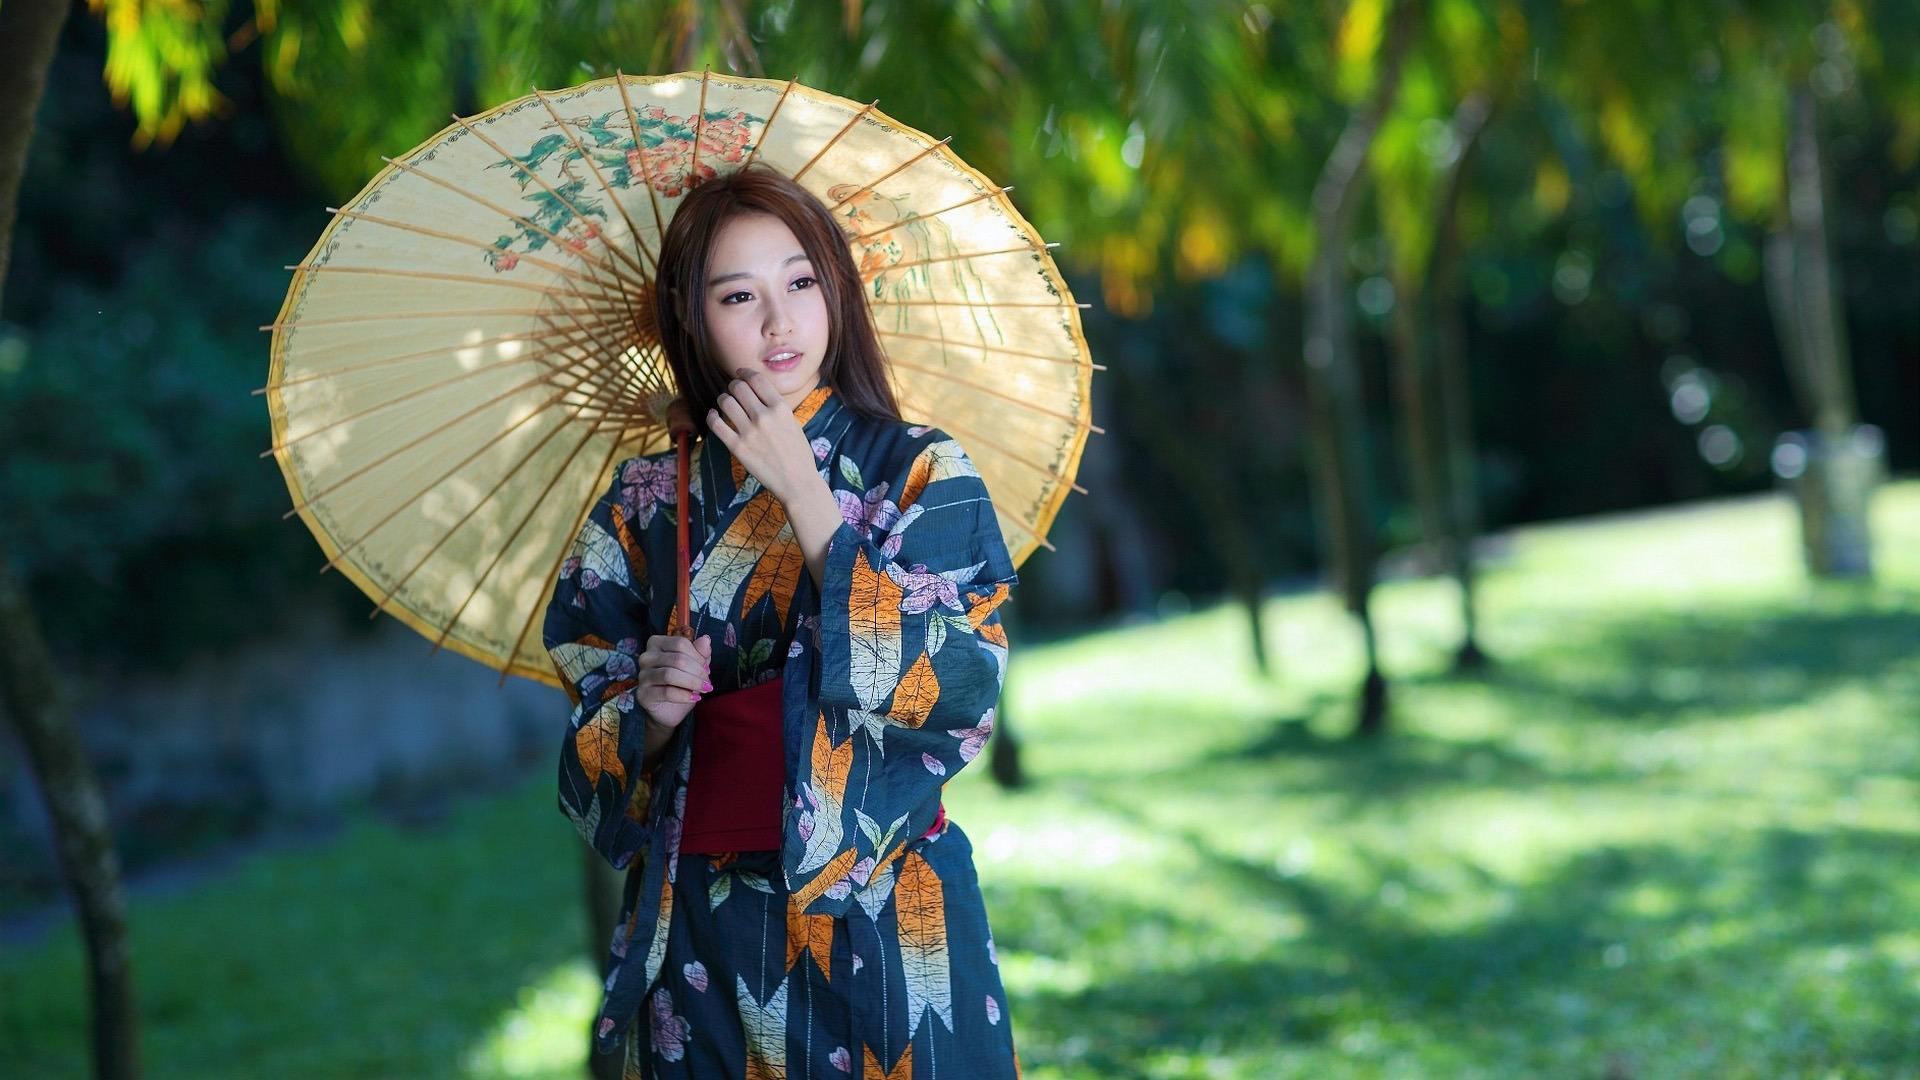 日本女人穿和服是为了什么,万万没想到和服这么复杂